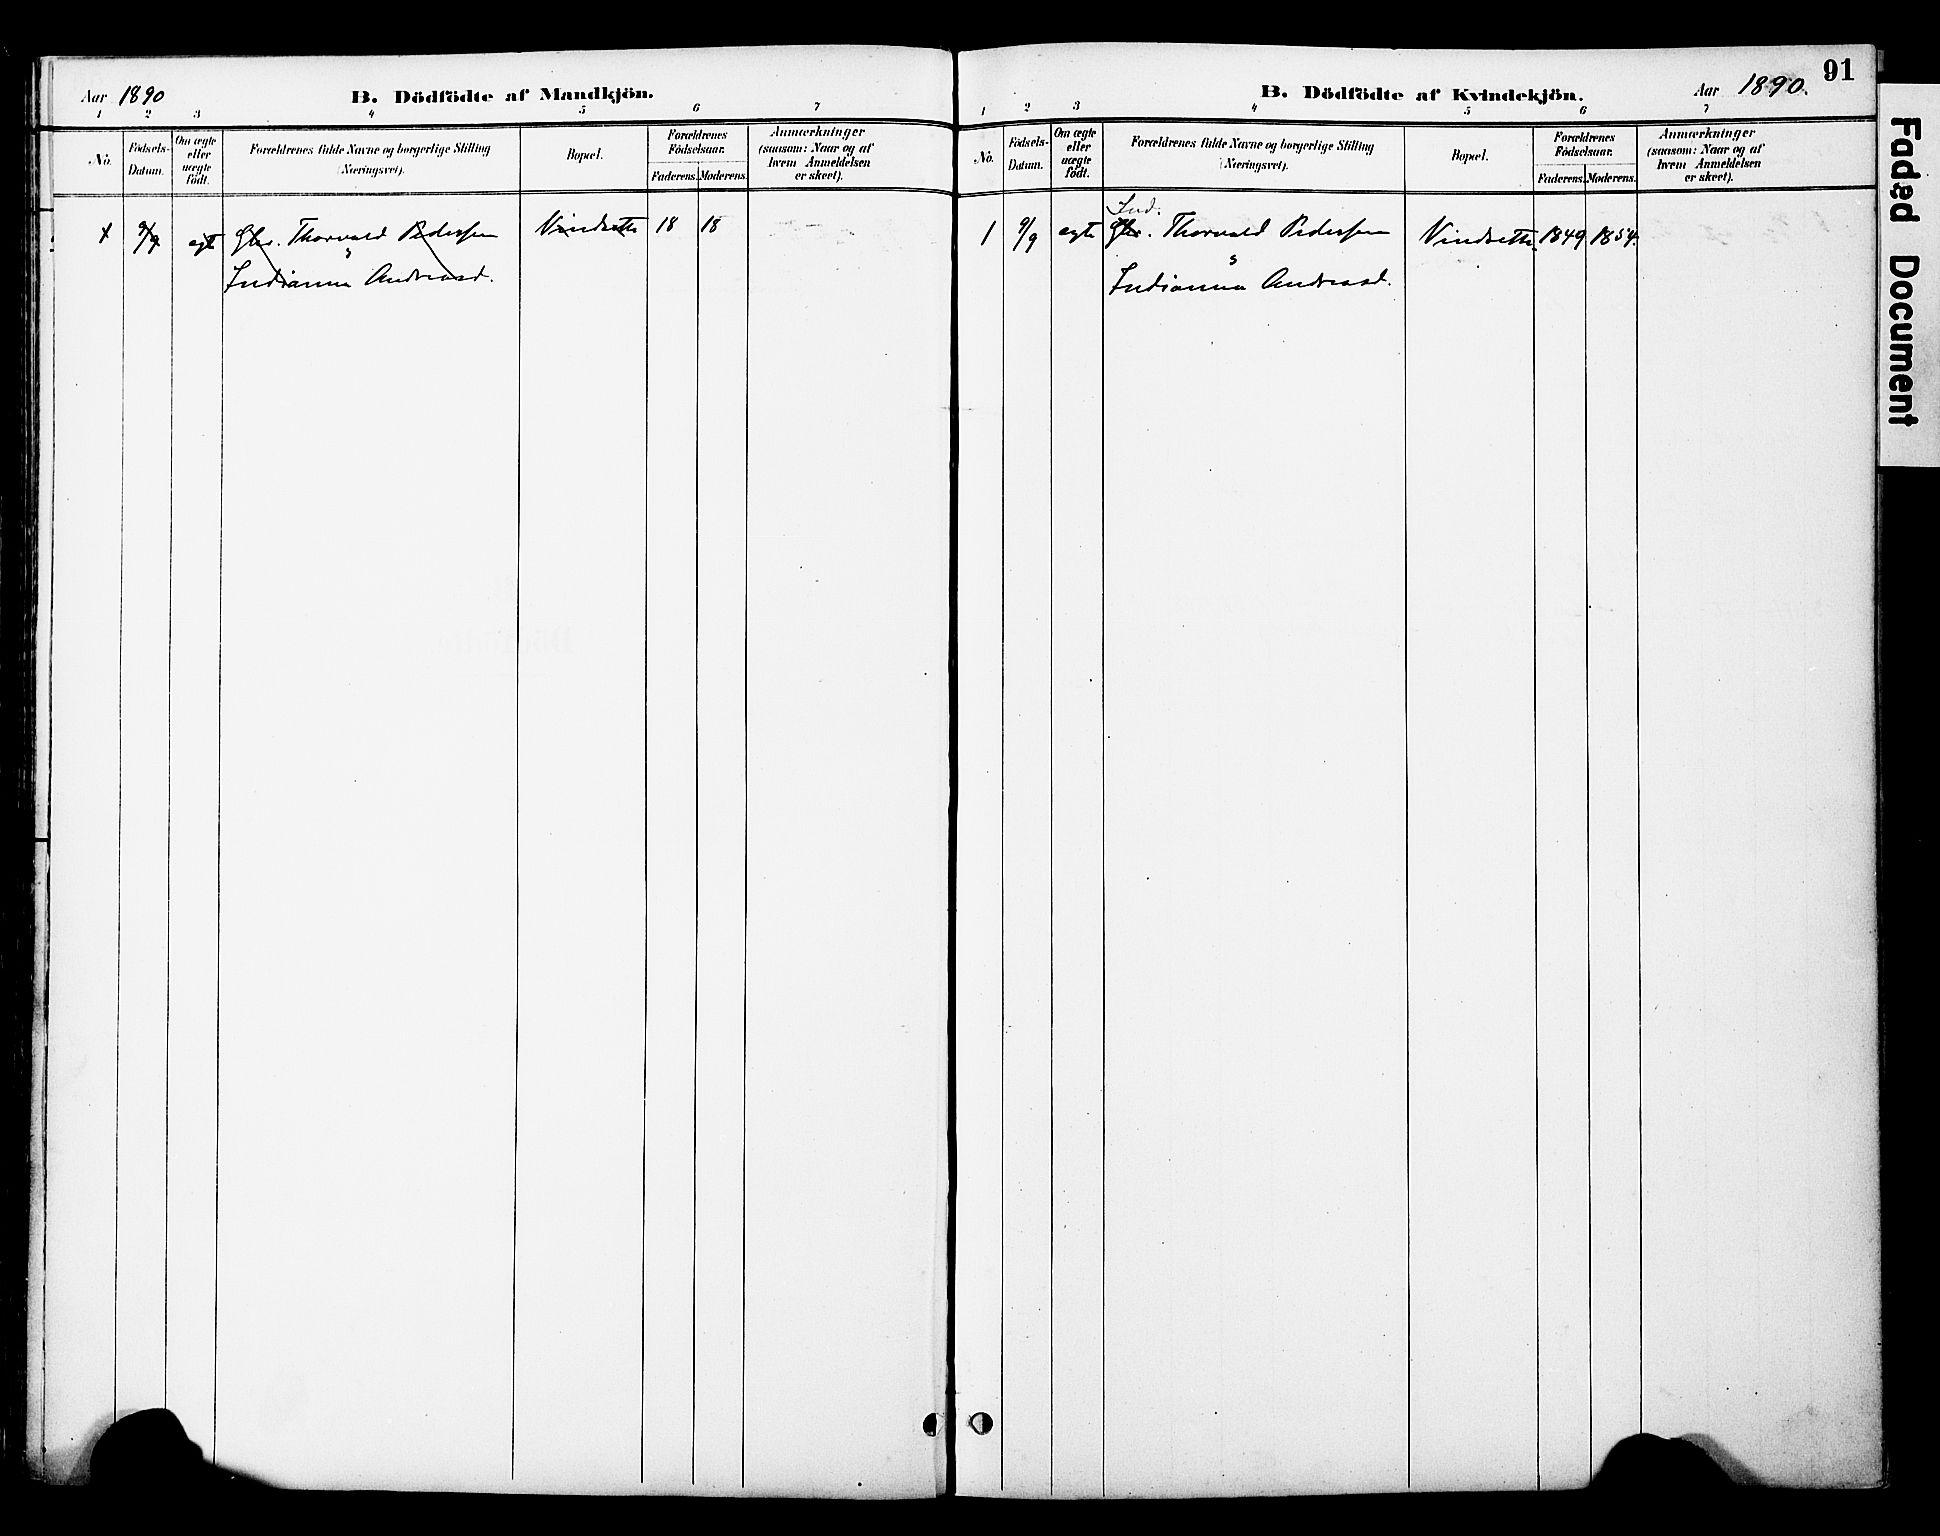 SAT, Ministerialprotokoller, klokkerbøker og fødselsregistre - Nord-Trøndelag, 774/L0628: Ministerialbok nr. 774A02, 1887-1903, s. 91